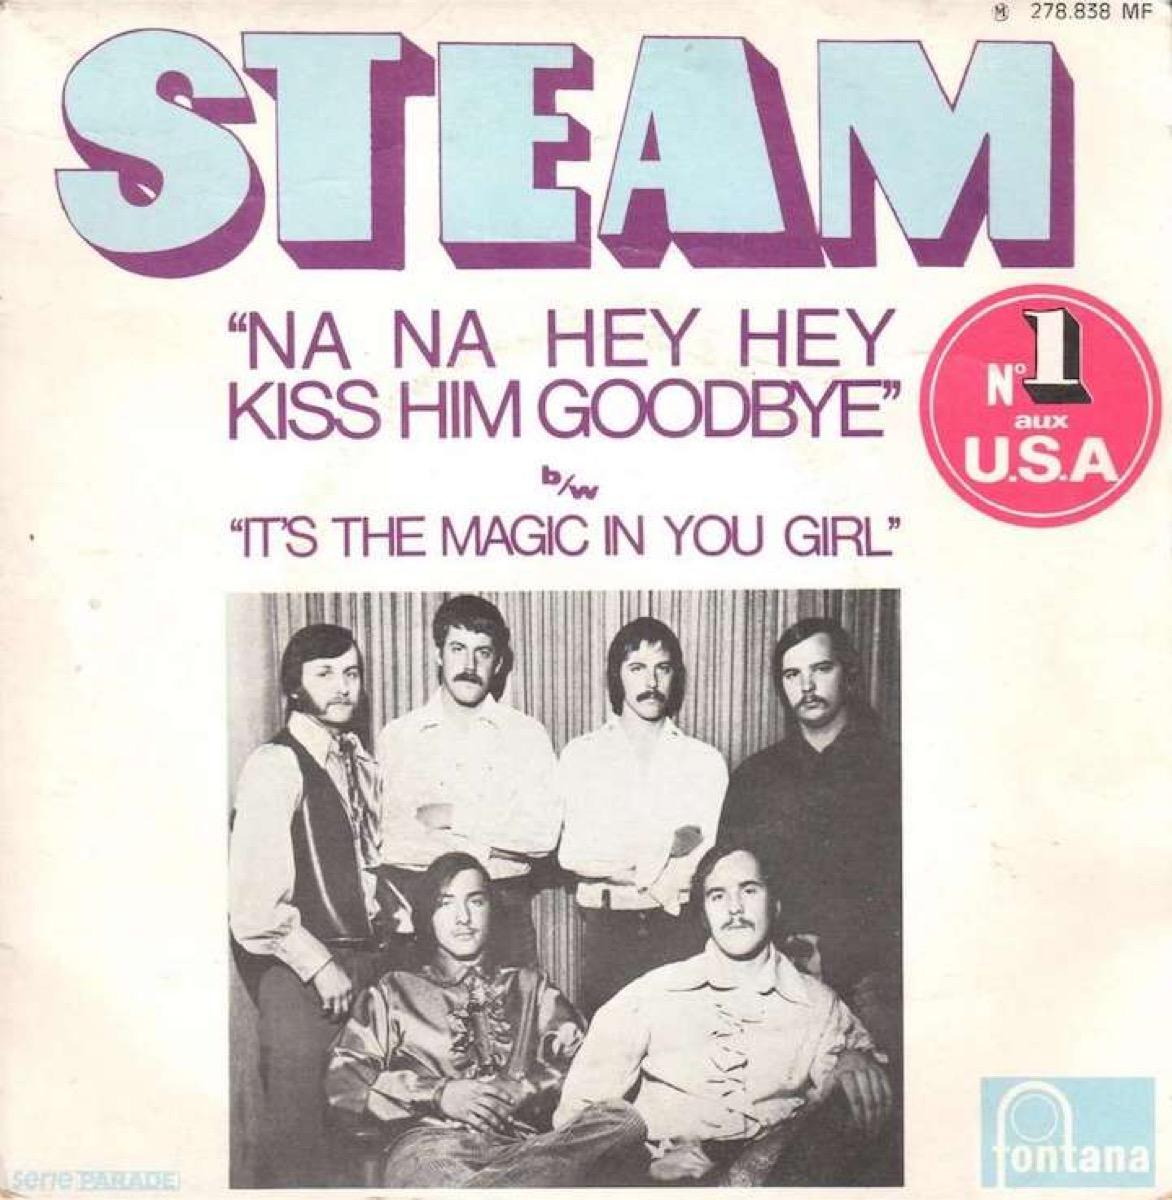 na na hey hey kiss him goodbye, steam record